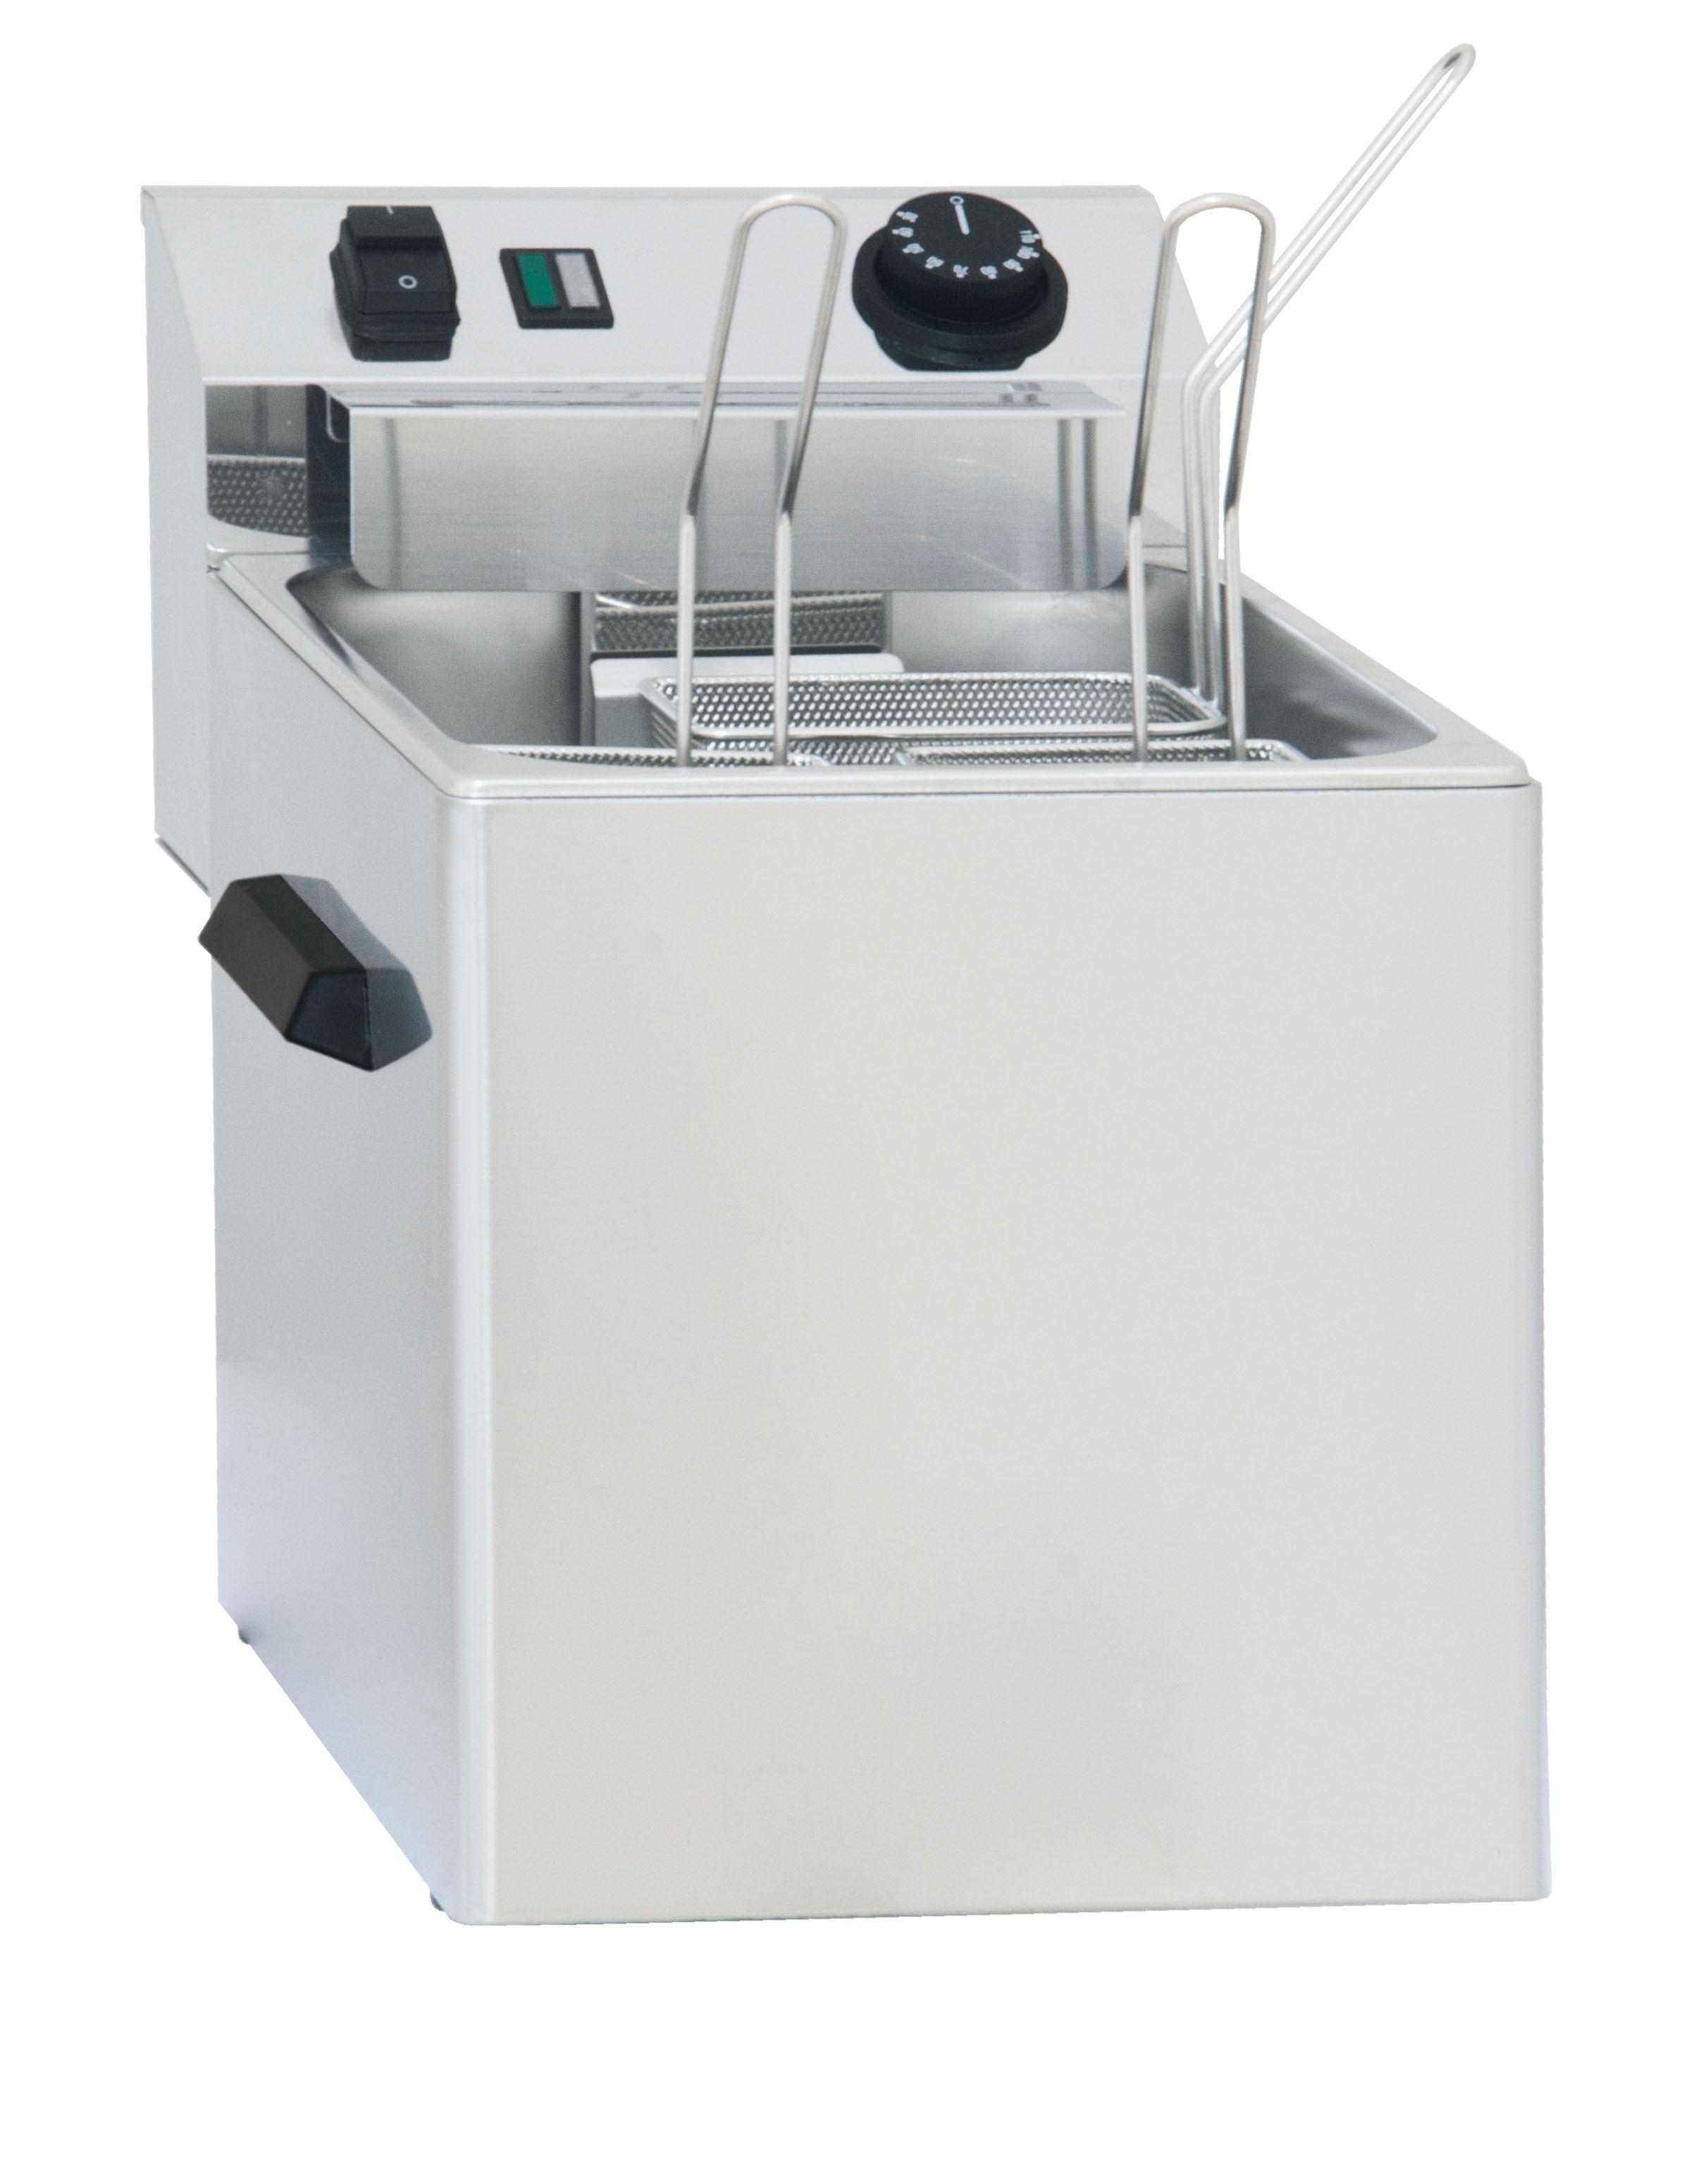 Cuiseur p tes lectrique avec vanne de vidange 3 for Equipement electrique cuisine